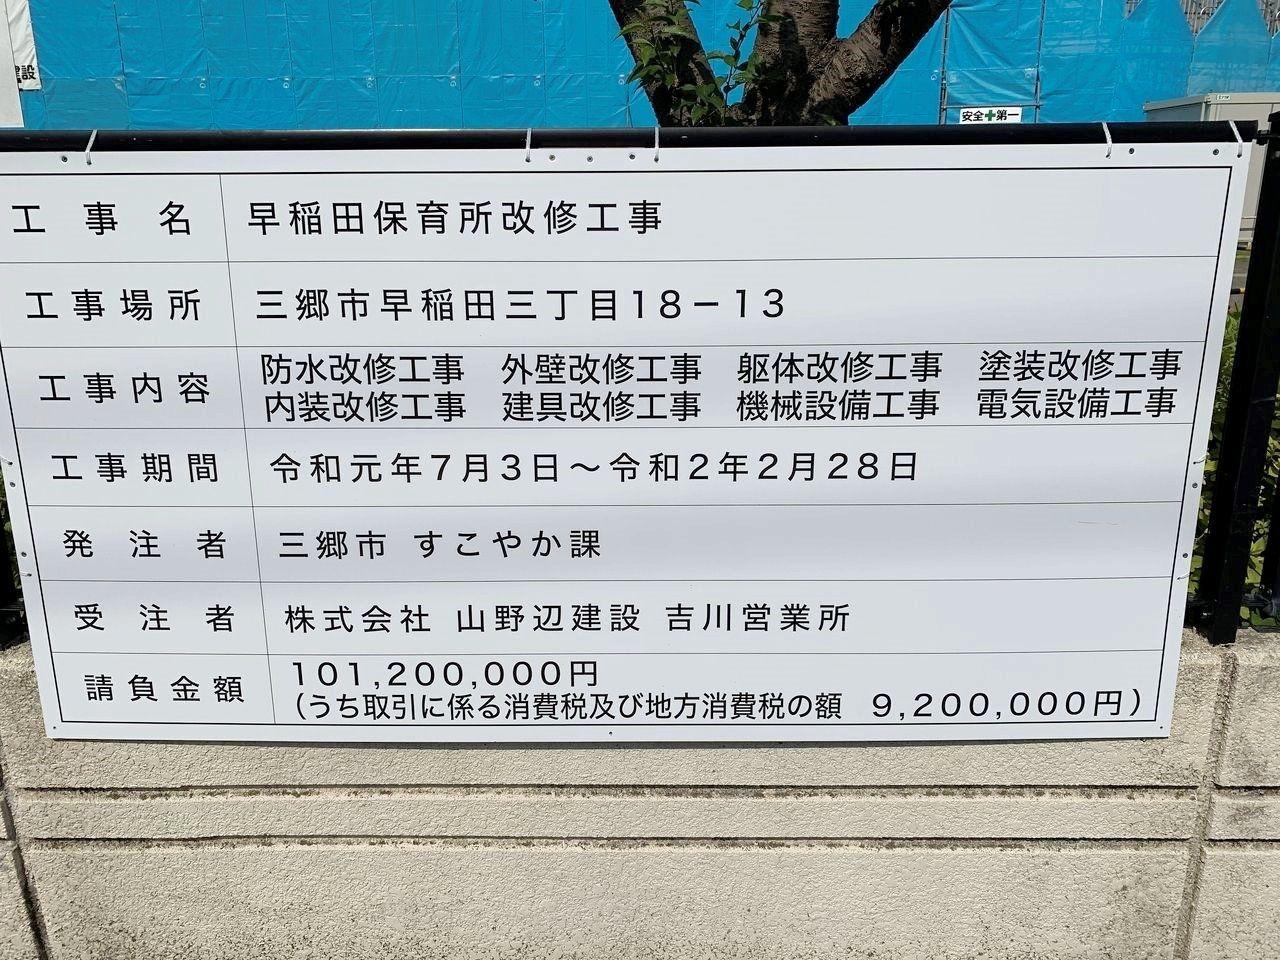 「早稲田保育所」は三郷市早稲田3丁目にあり、早稲田児童センターの隣です!